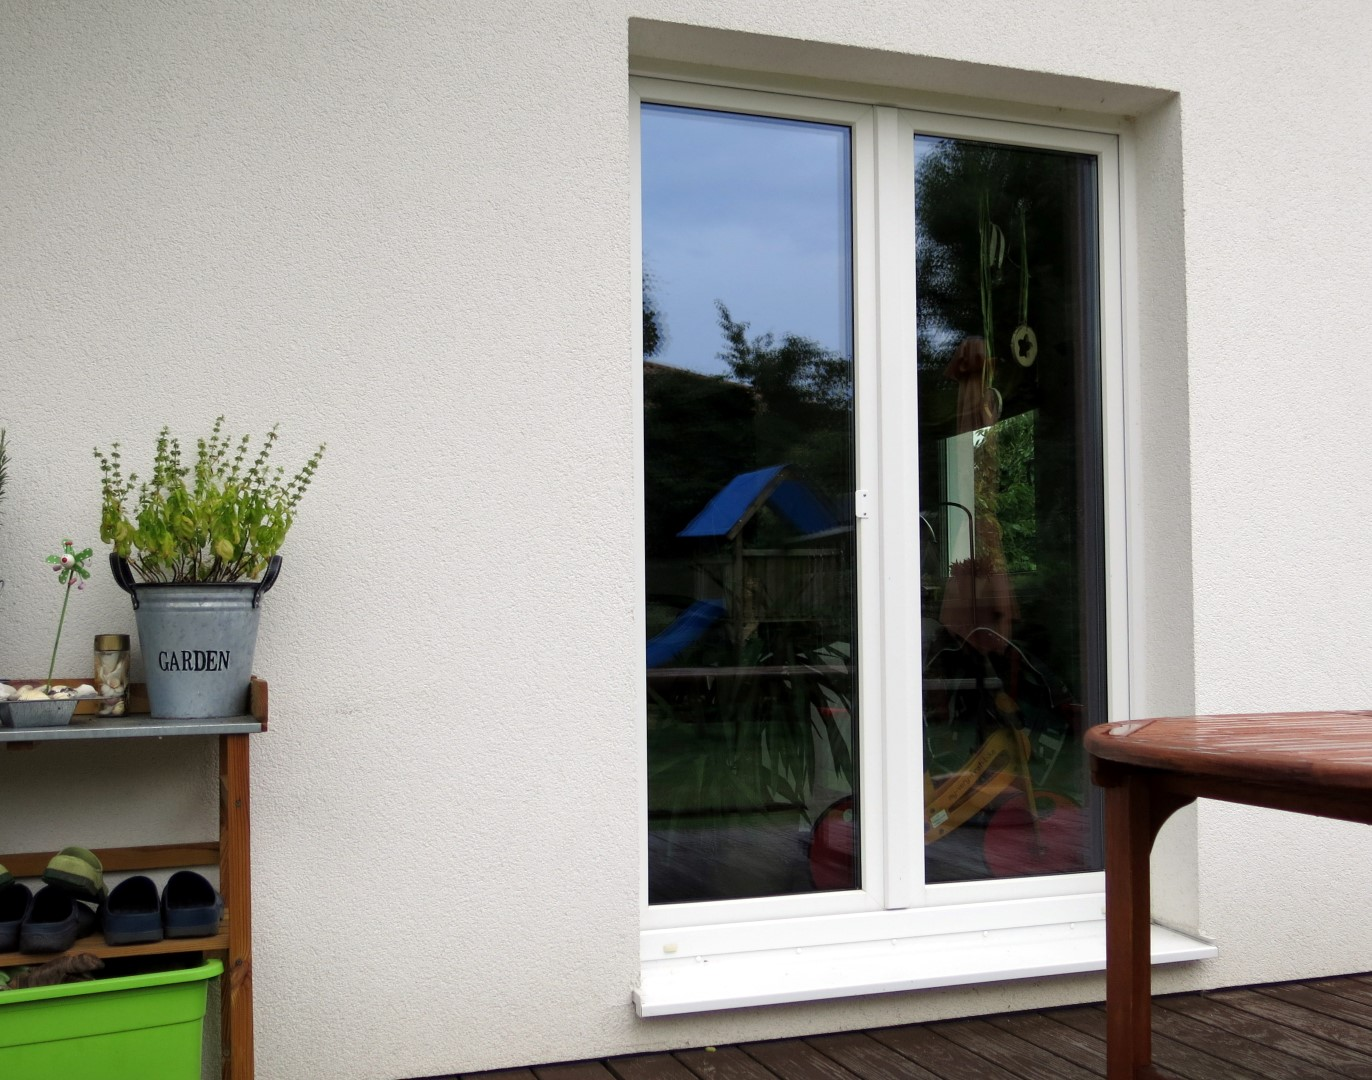 Schutz vor Einbrechern: unbeobachtete Fenster und Türen sind besonders beliebt.